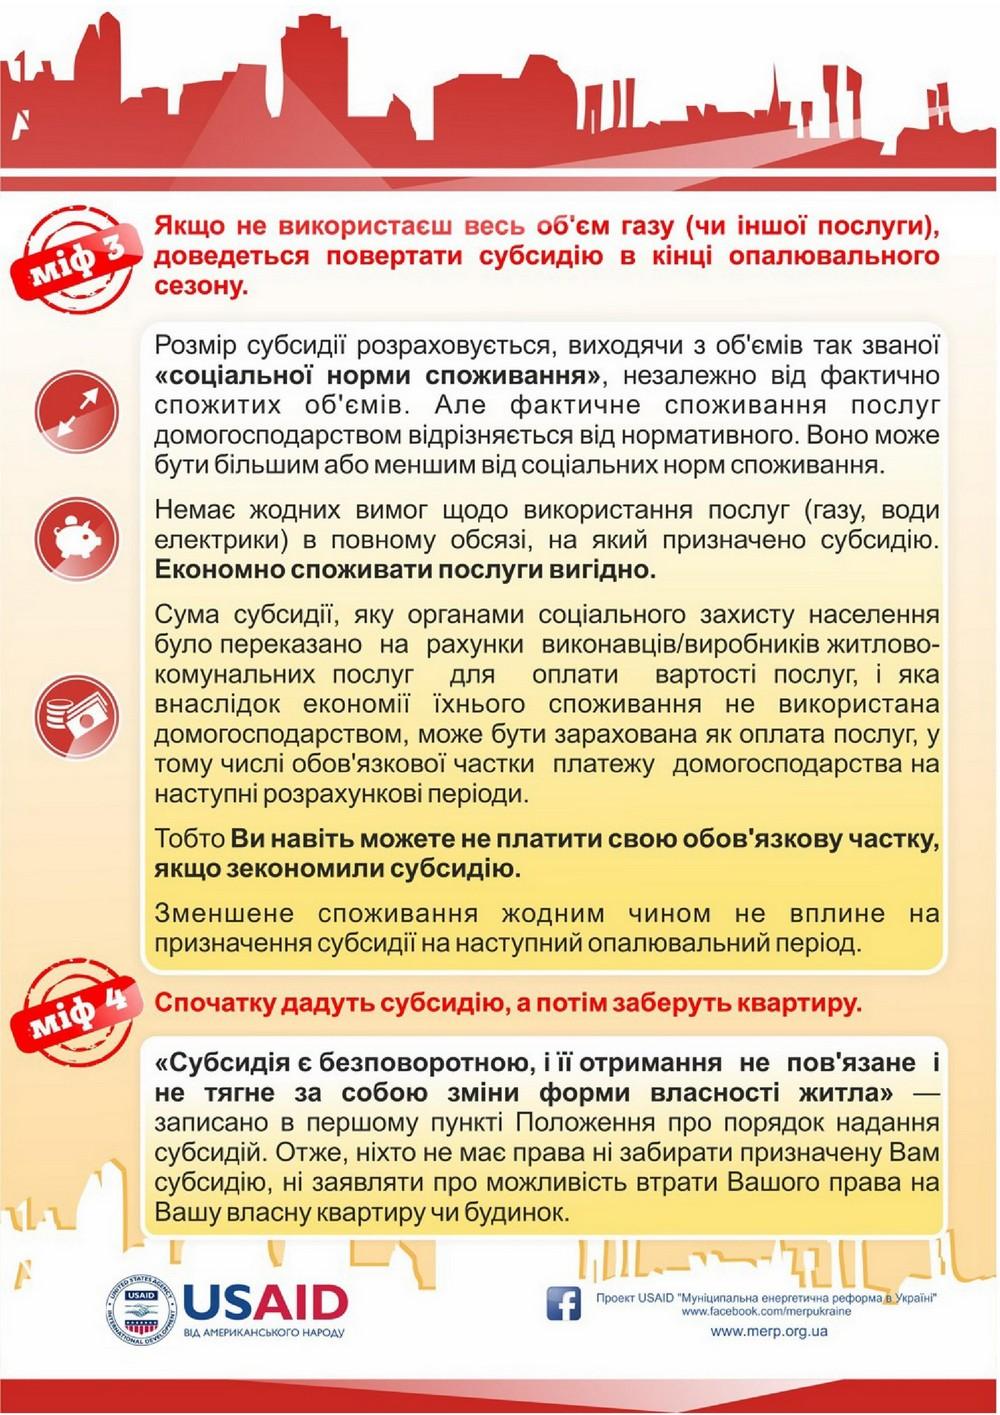 """Про страхи та чутки щодо програми субсидій  (Інформацію взято із сайту """"Інститут місцевого розвитку"""")"""